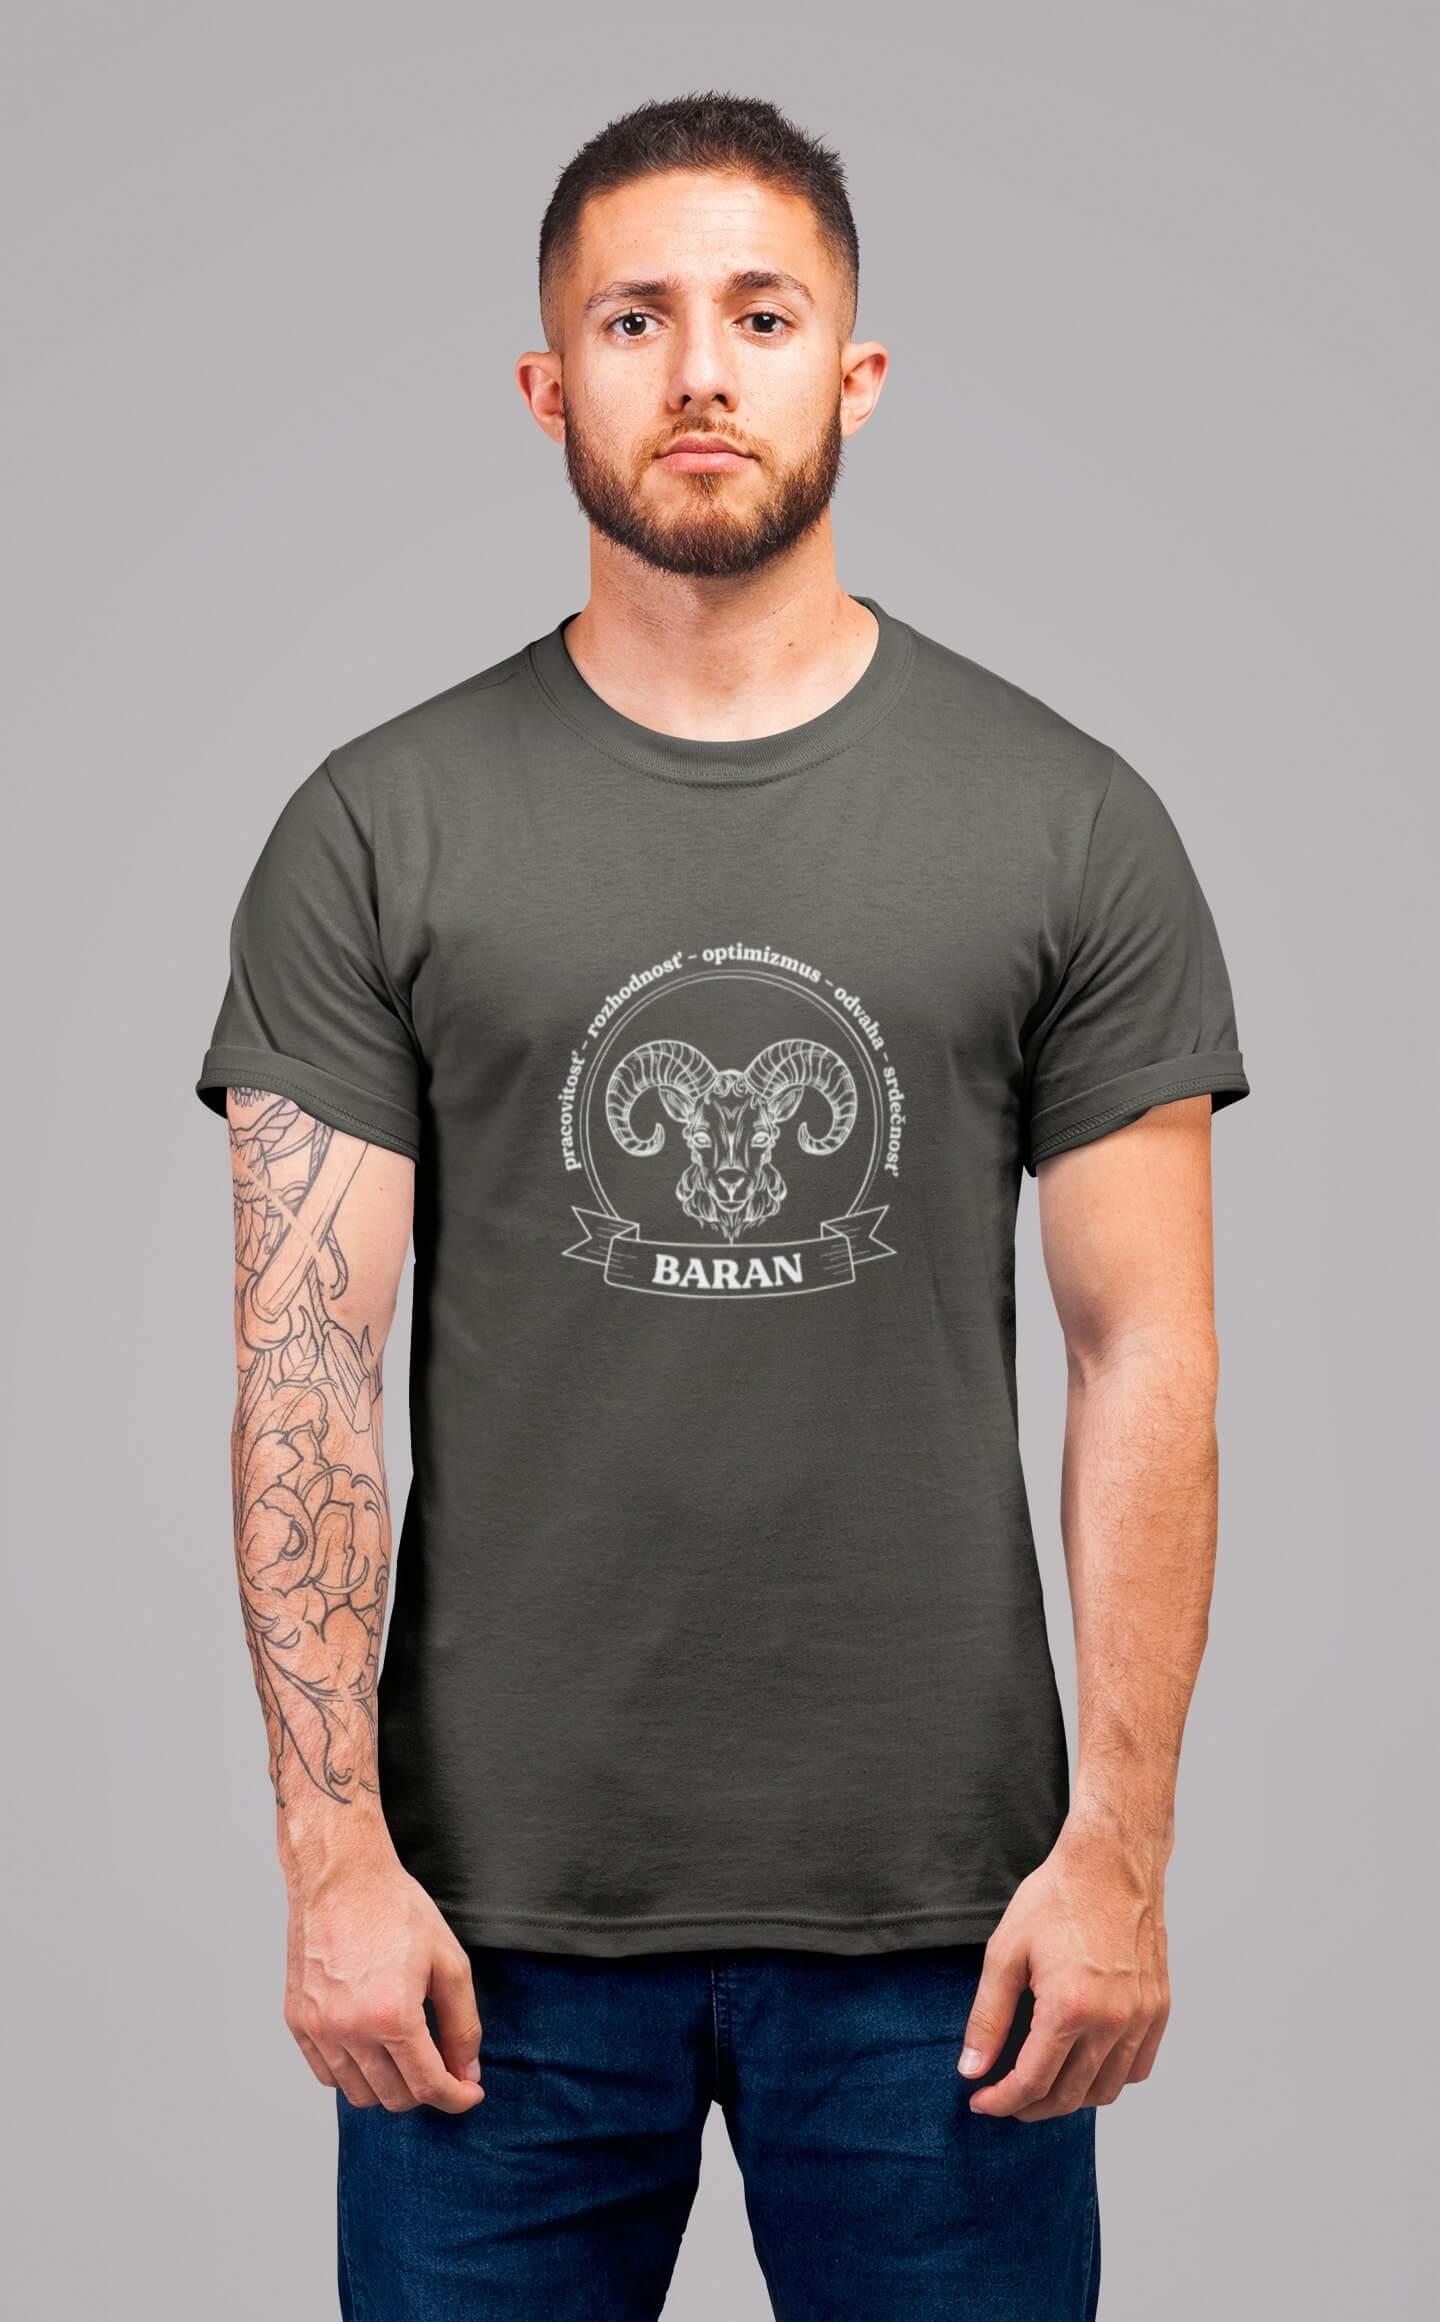 MMO Pánske tričko Baran Vyberte farbu: Tmavá bridlica, Vyberte veľkosť: XL